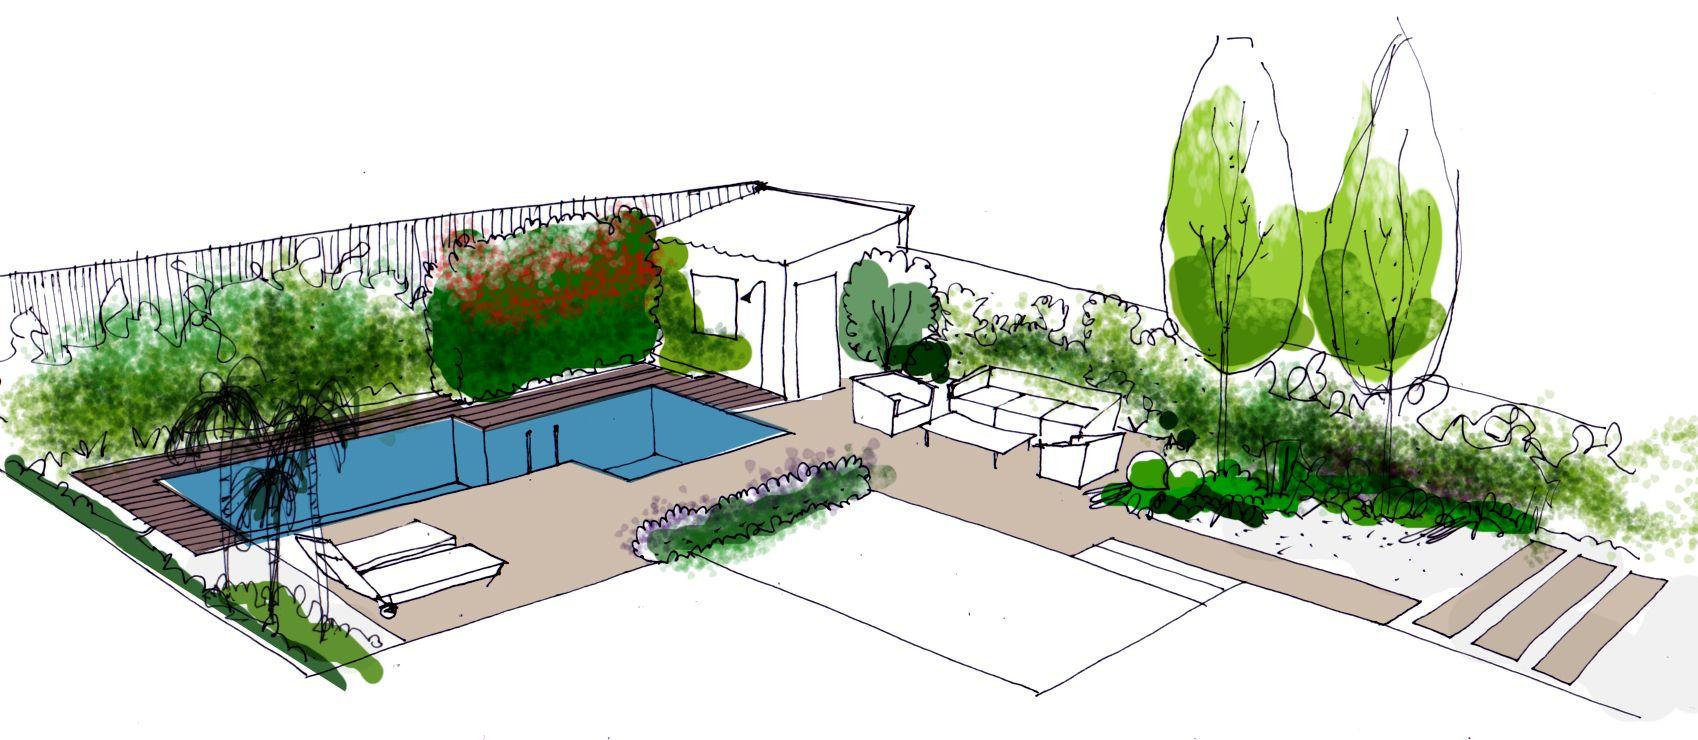 Dise o para un jard n con piscina y nuevas zonas - Diseno de un jardin ...